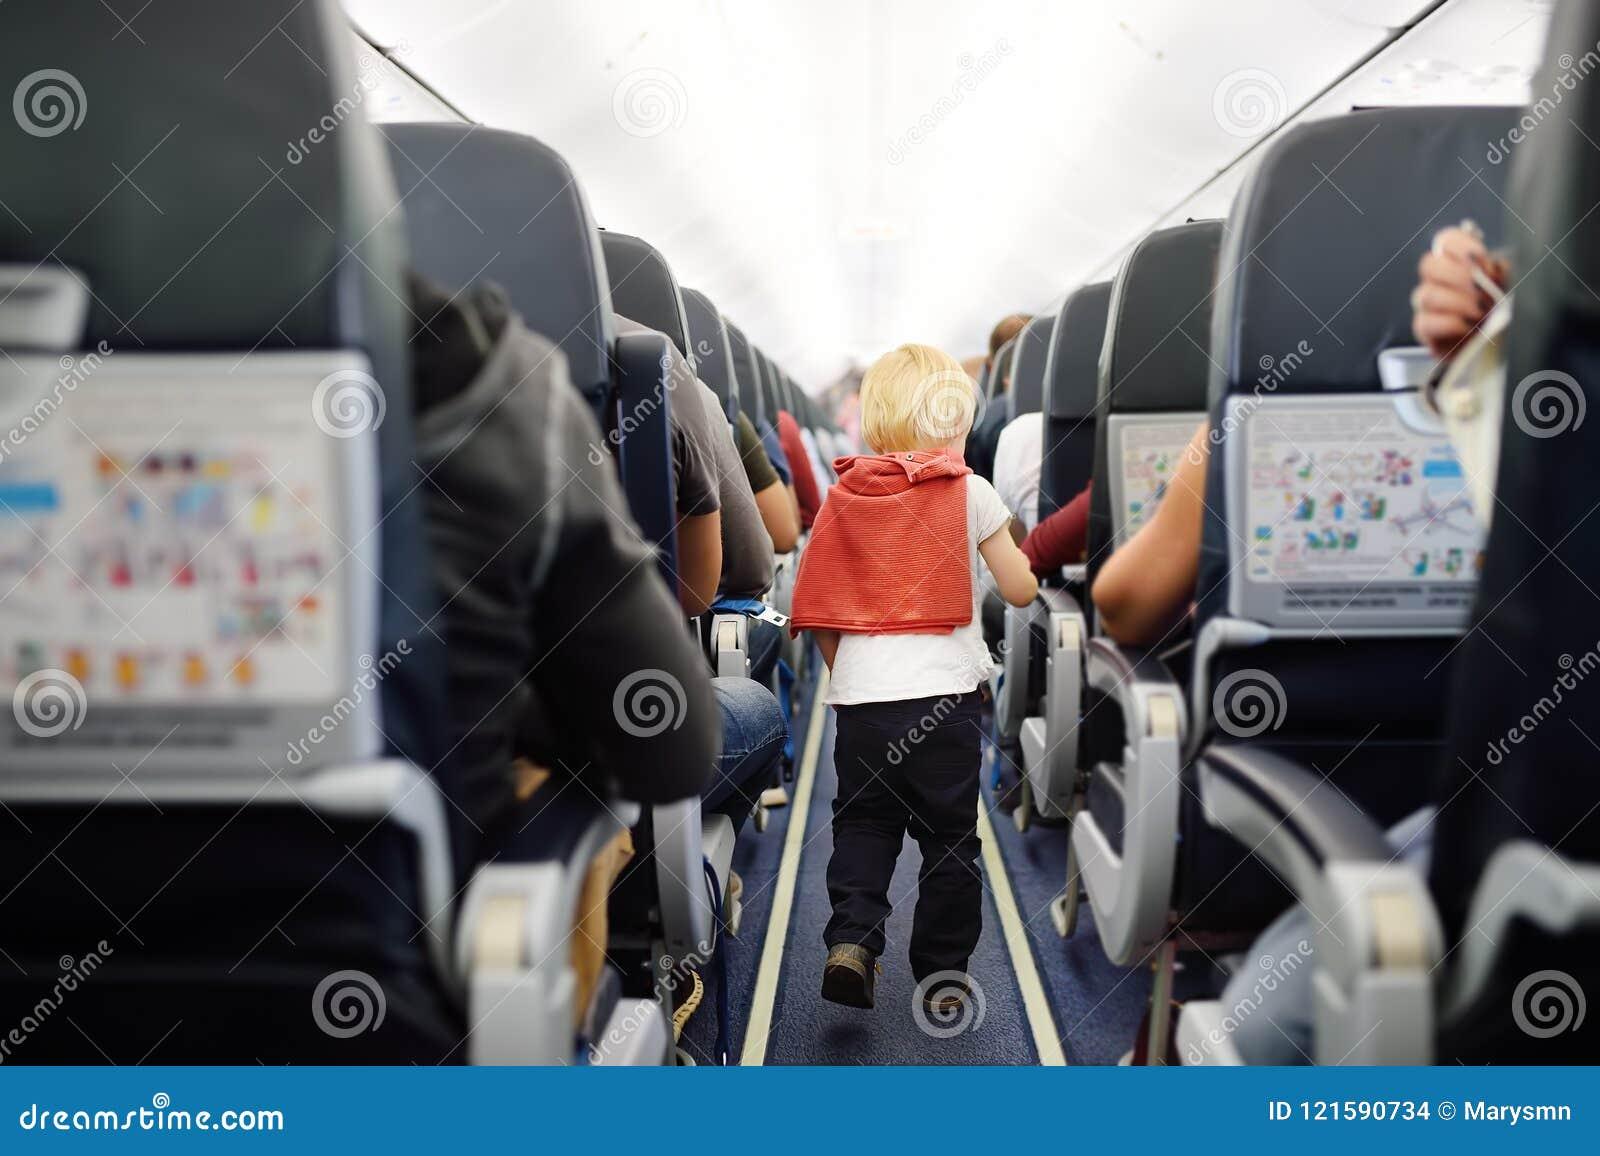 Gelukkig weinig jongen tijdens het reizen door een vliegtuig